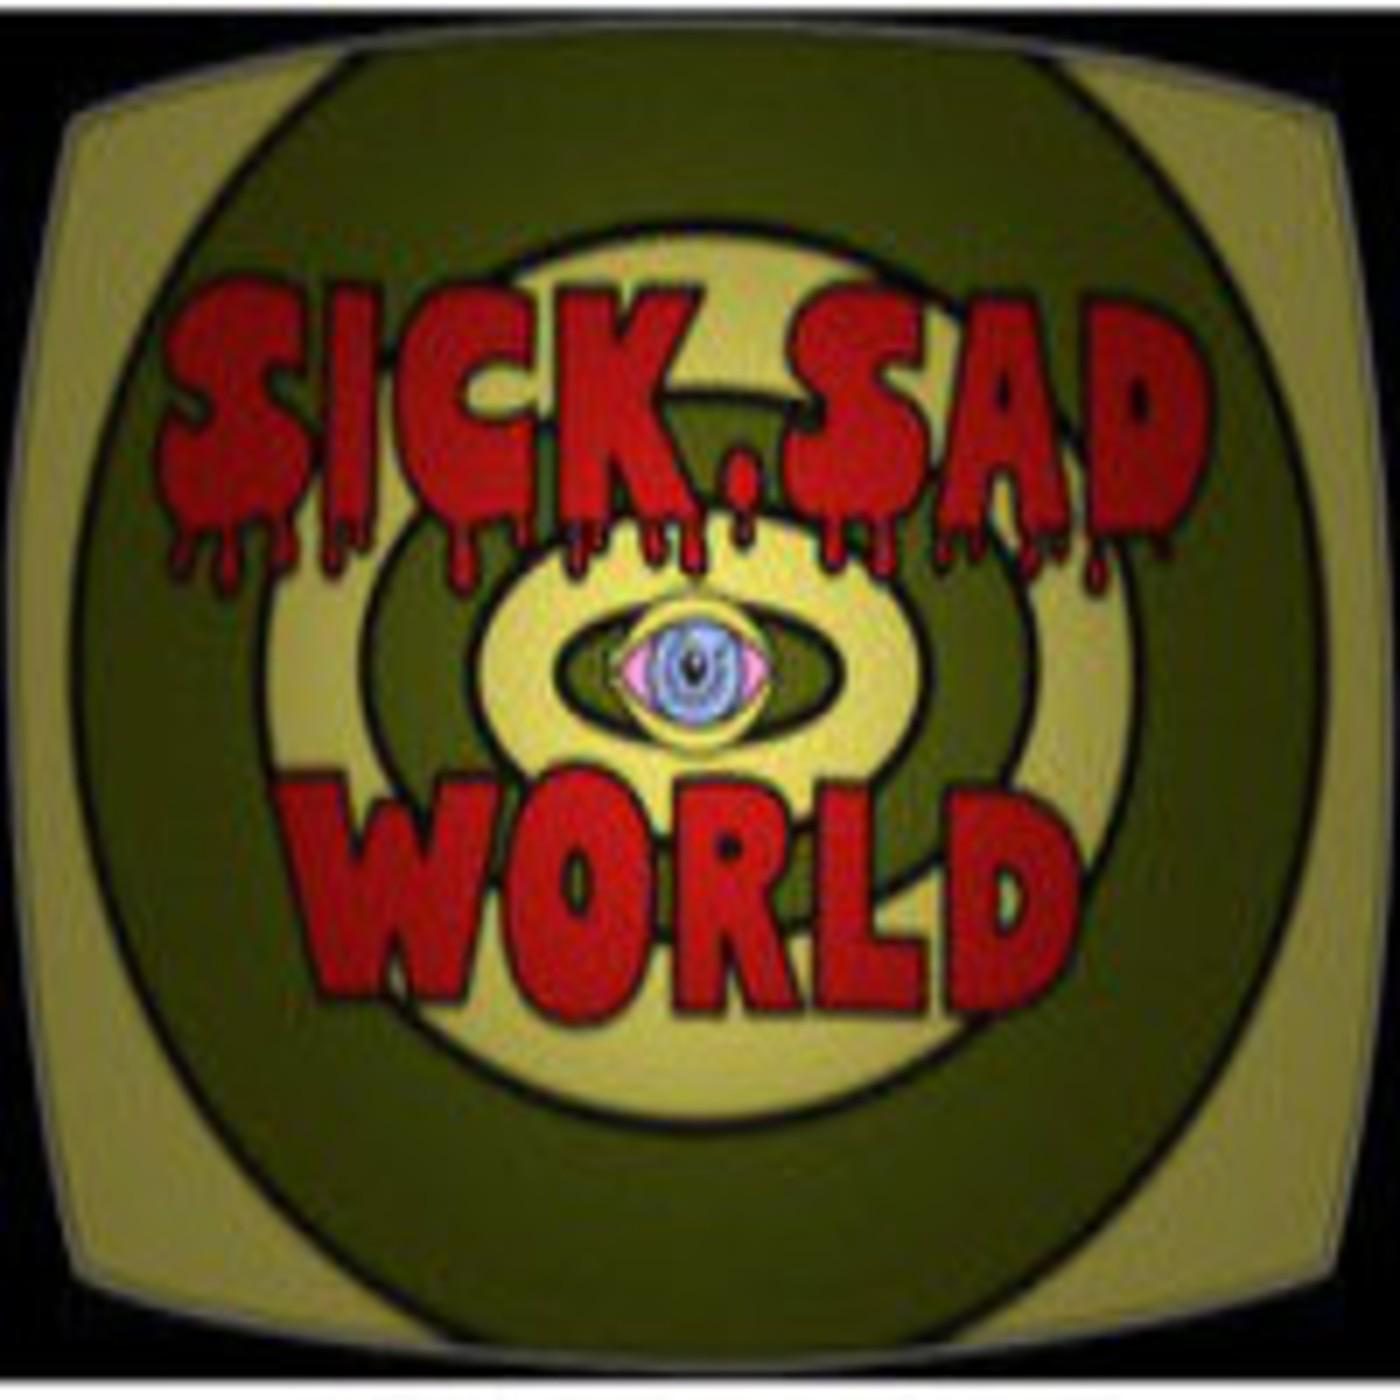 <![CDATA[Sick Sad World DJs (Podcast)]]>